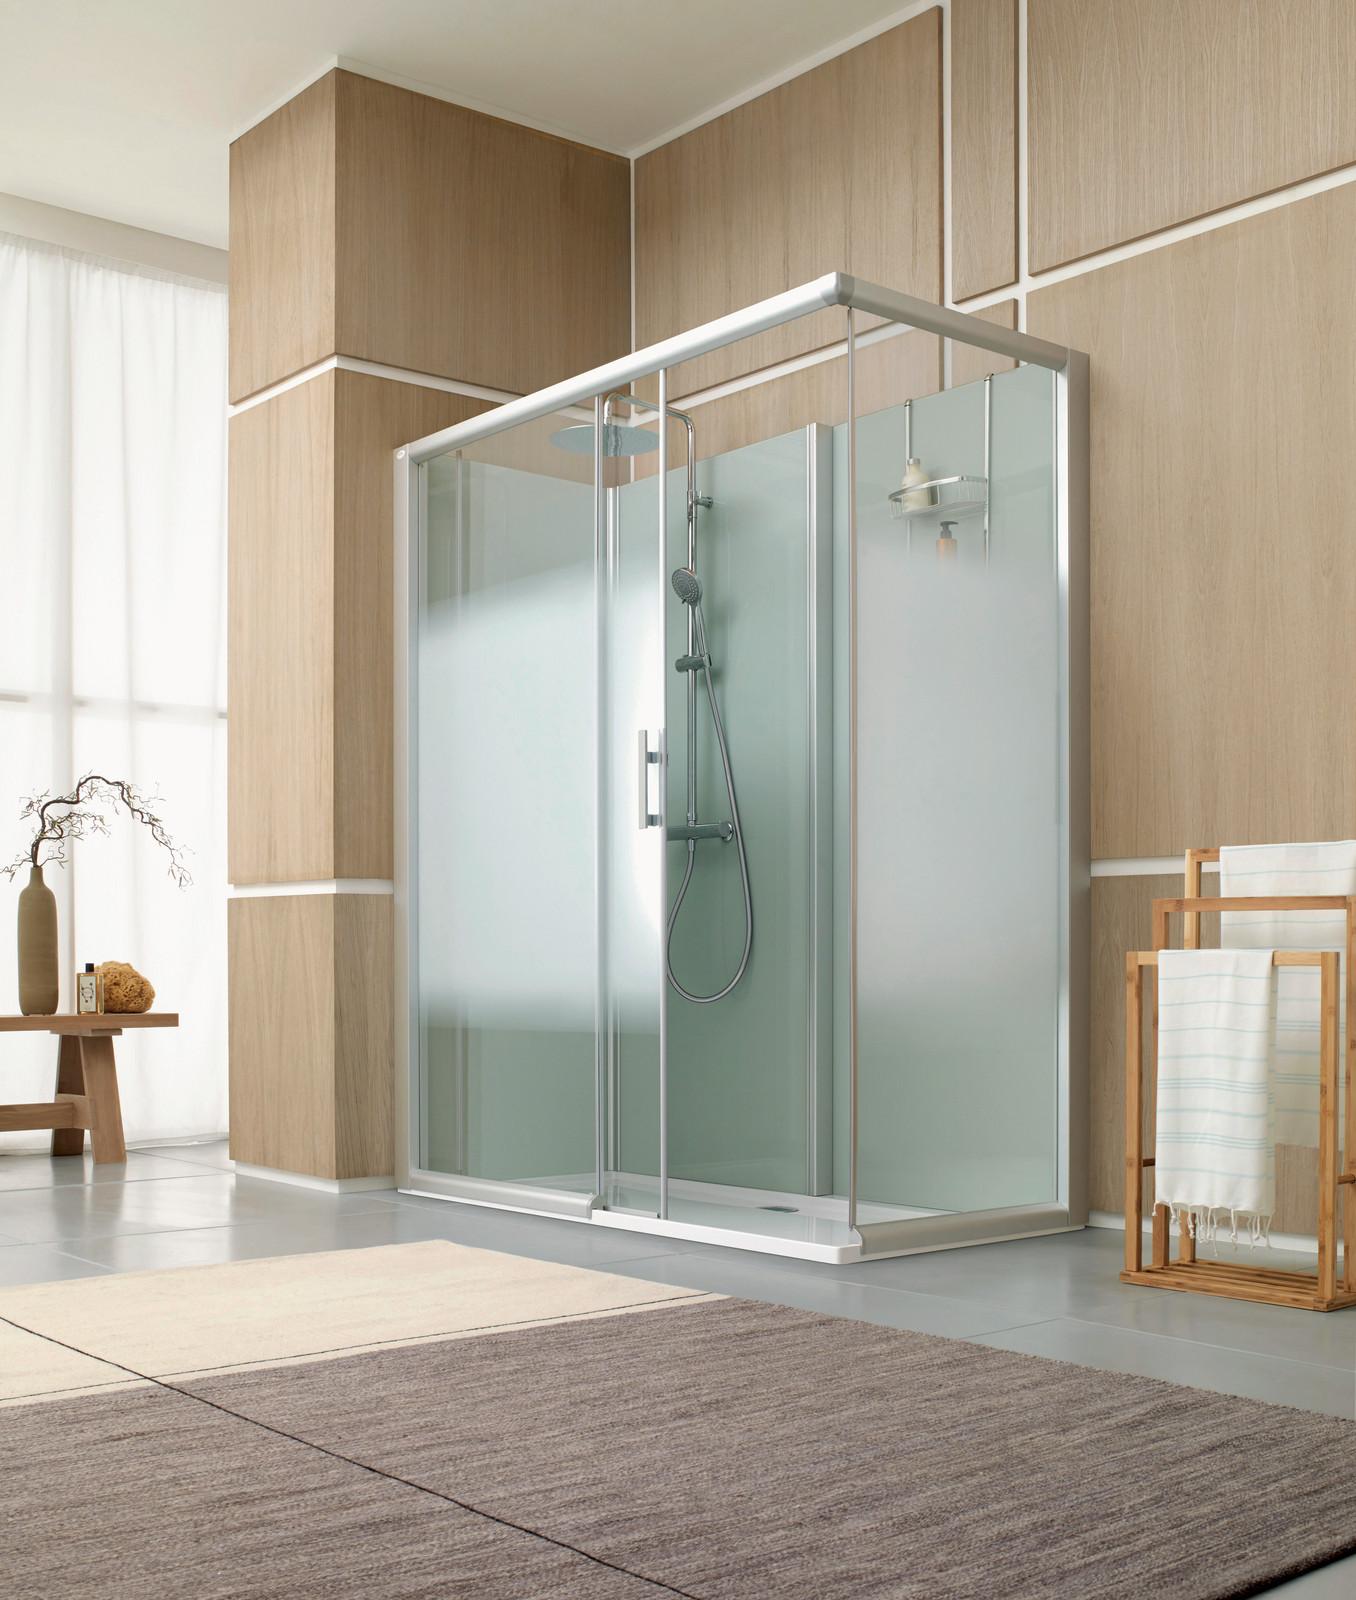 bien etre vf confort salle de bains chauffage. Black Bedroom Furniture Sets. Home Design Ideas